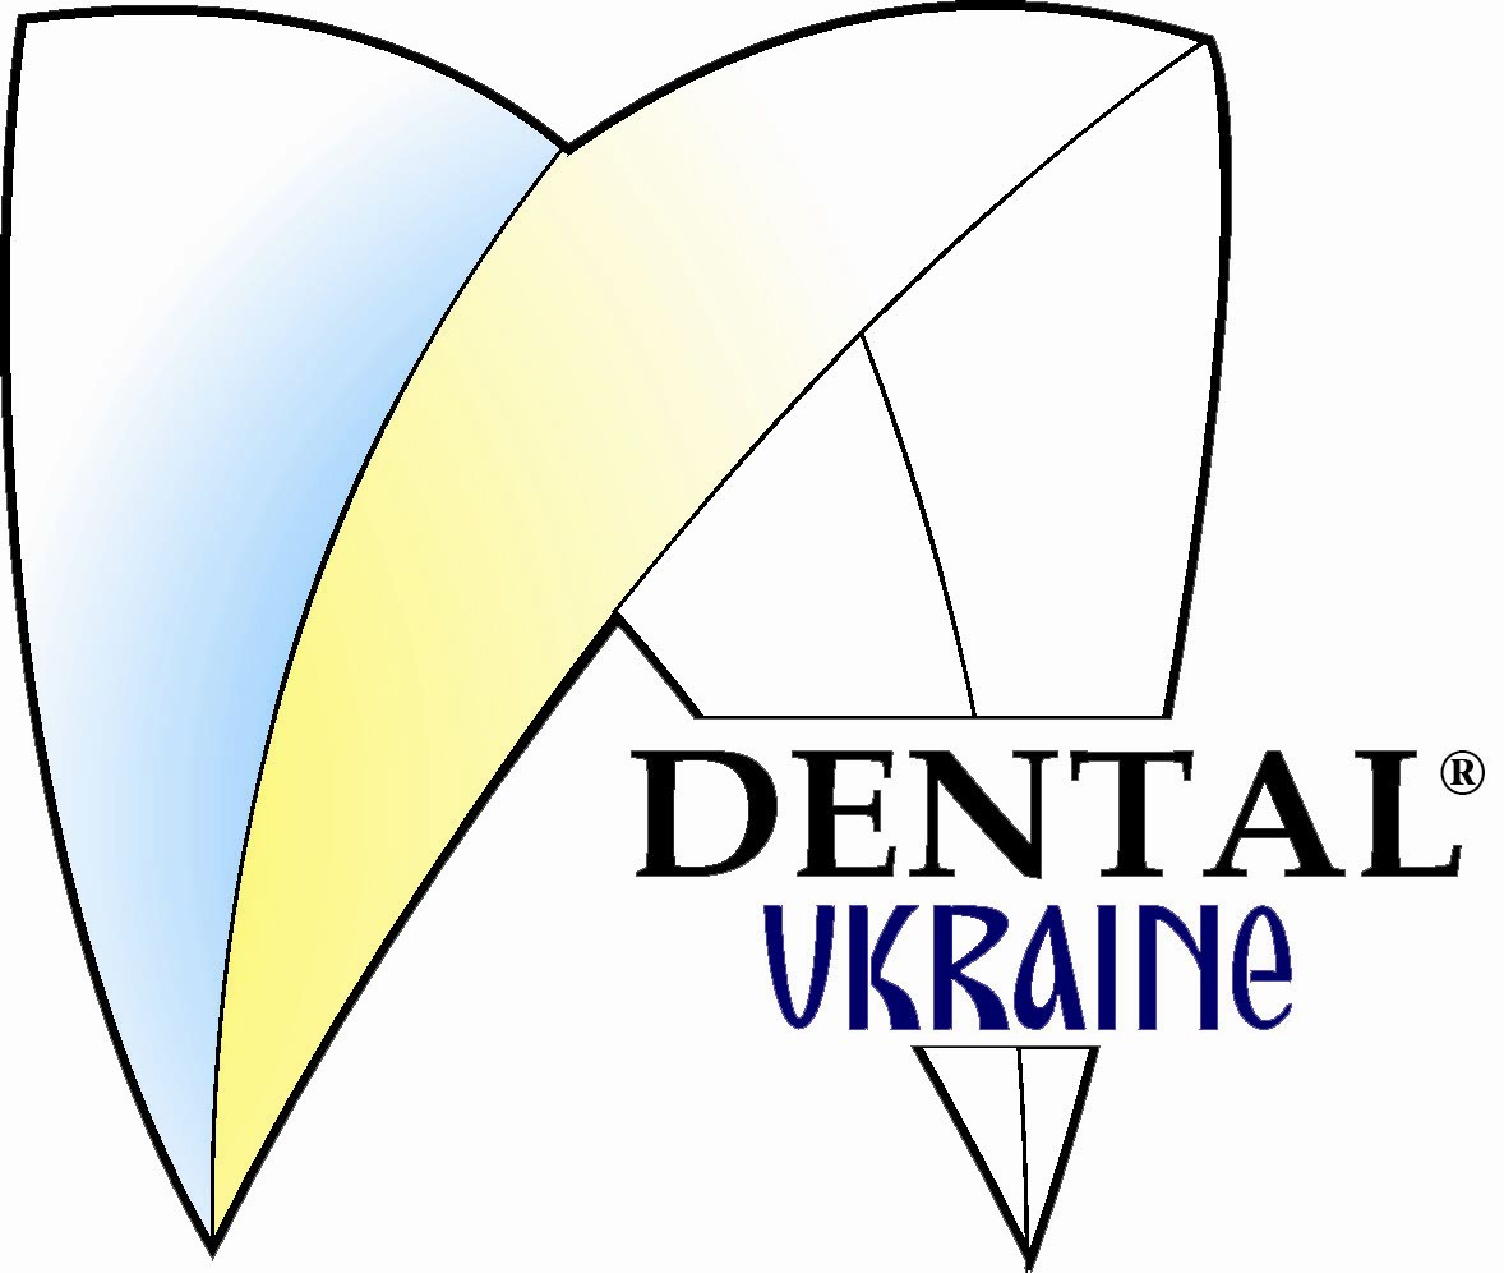 18 - 20 мая 2017 года в киеве состоится международный стоматологический форум: международная стоматологическая